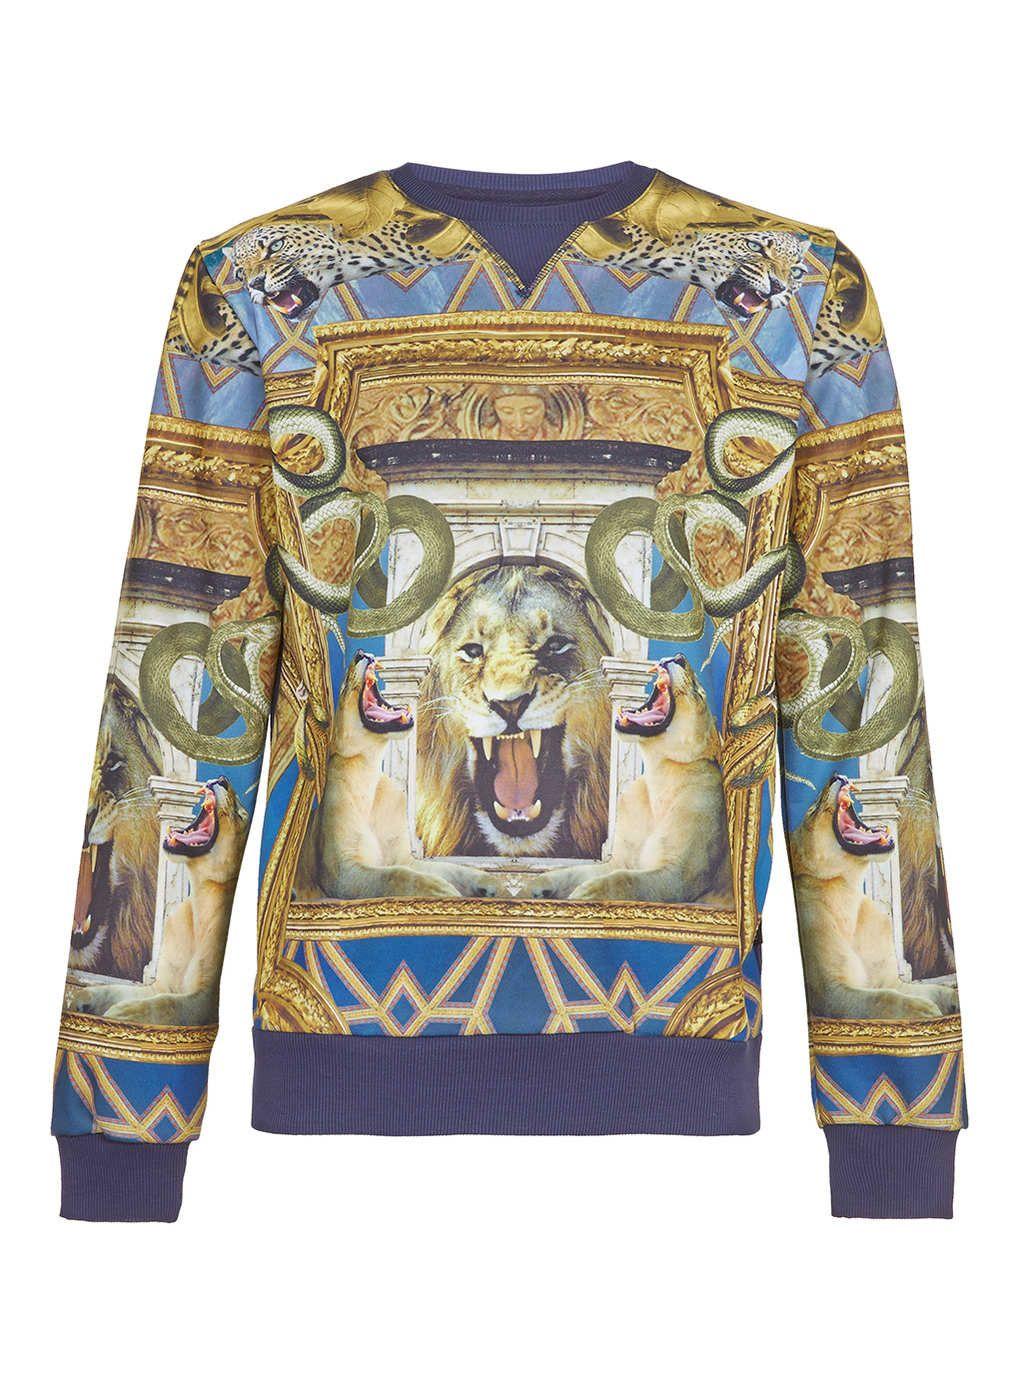 Criminal Damage 'Illuminati' Sweatshirt* - Criminal Damage ...